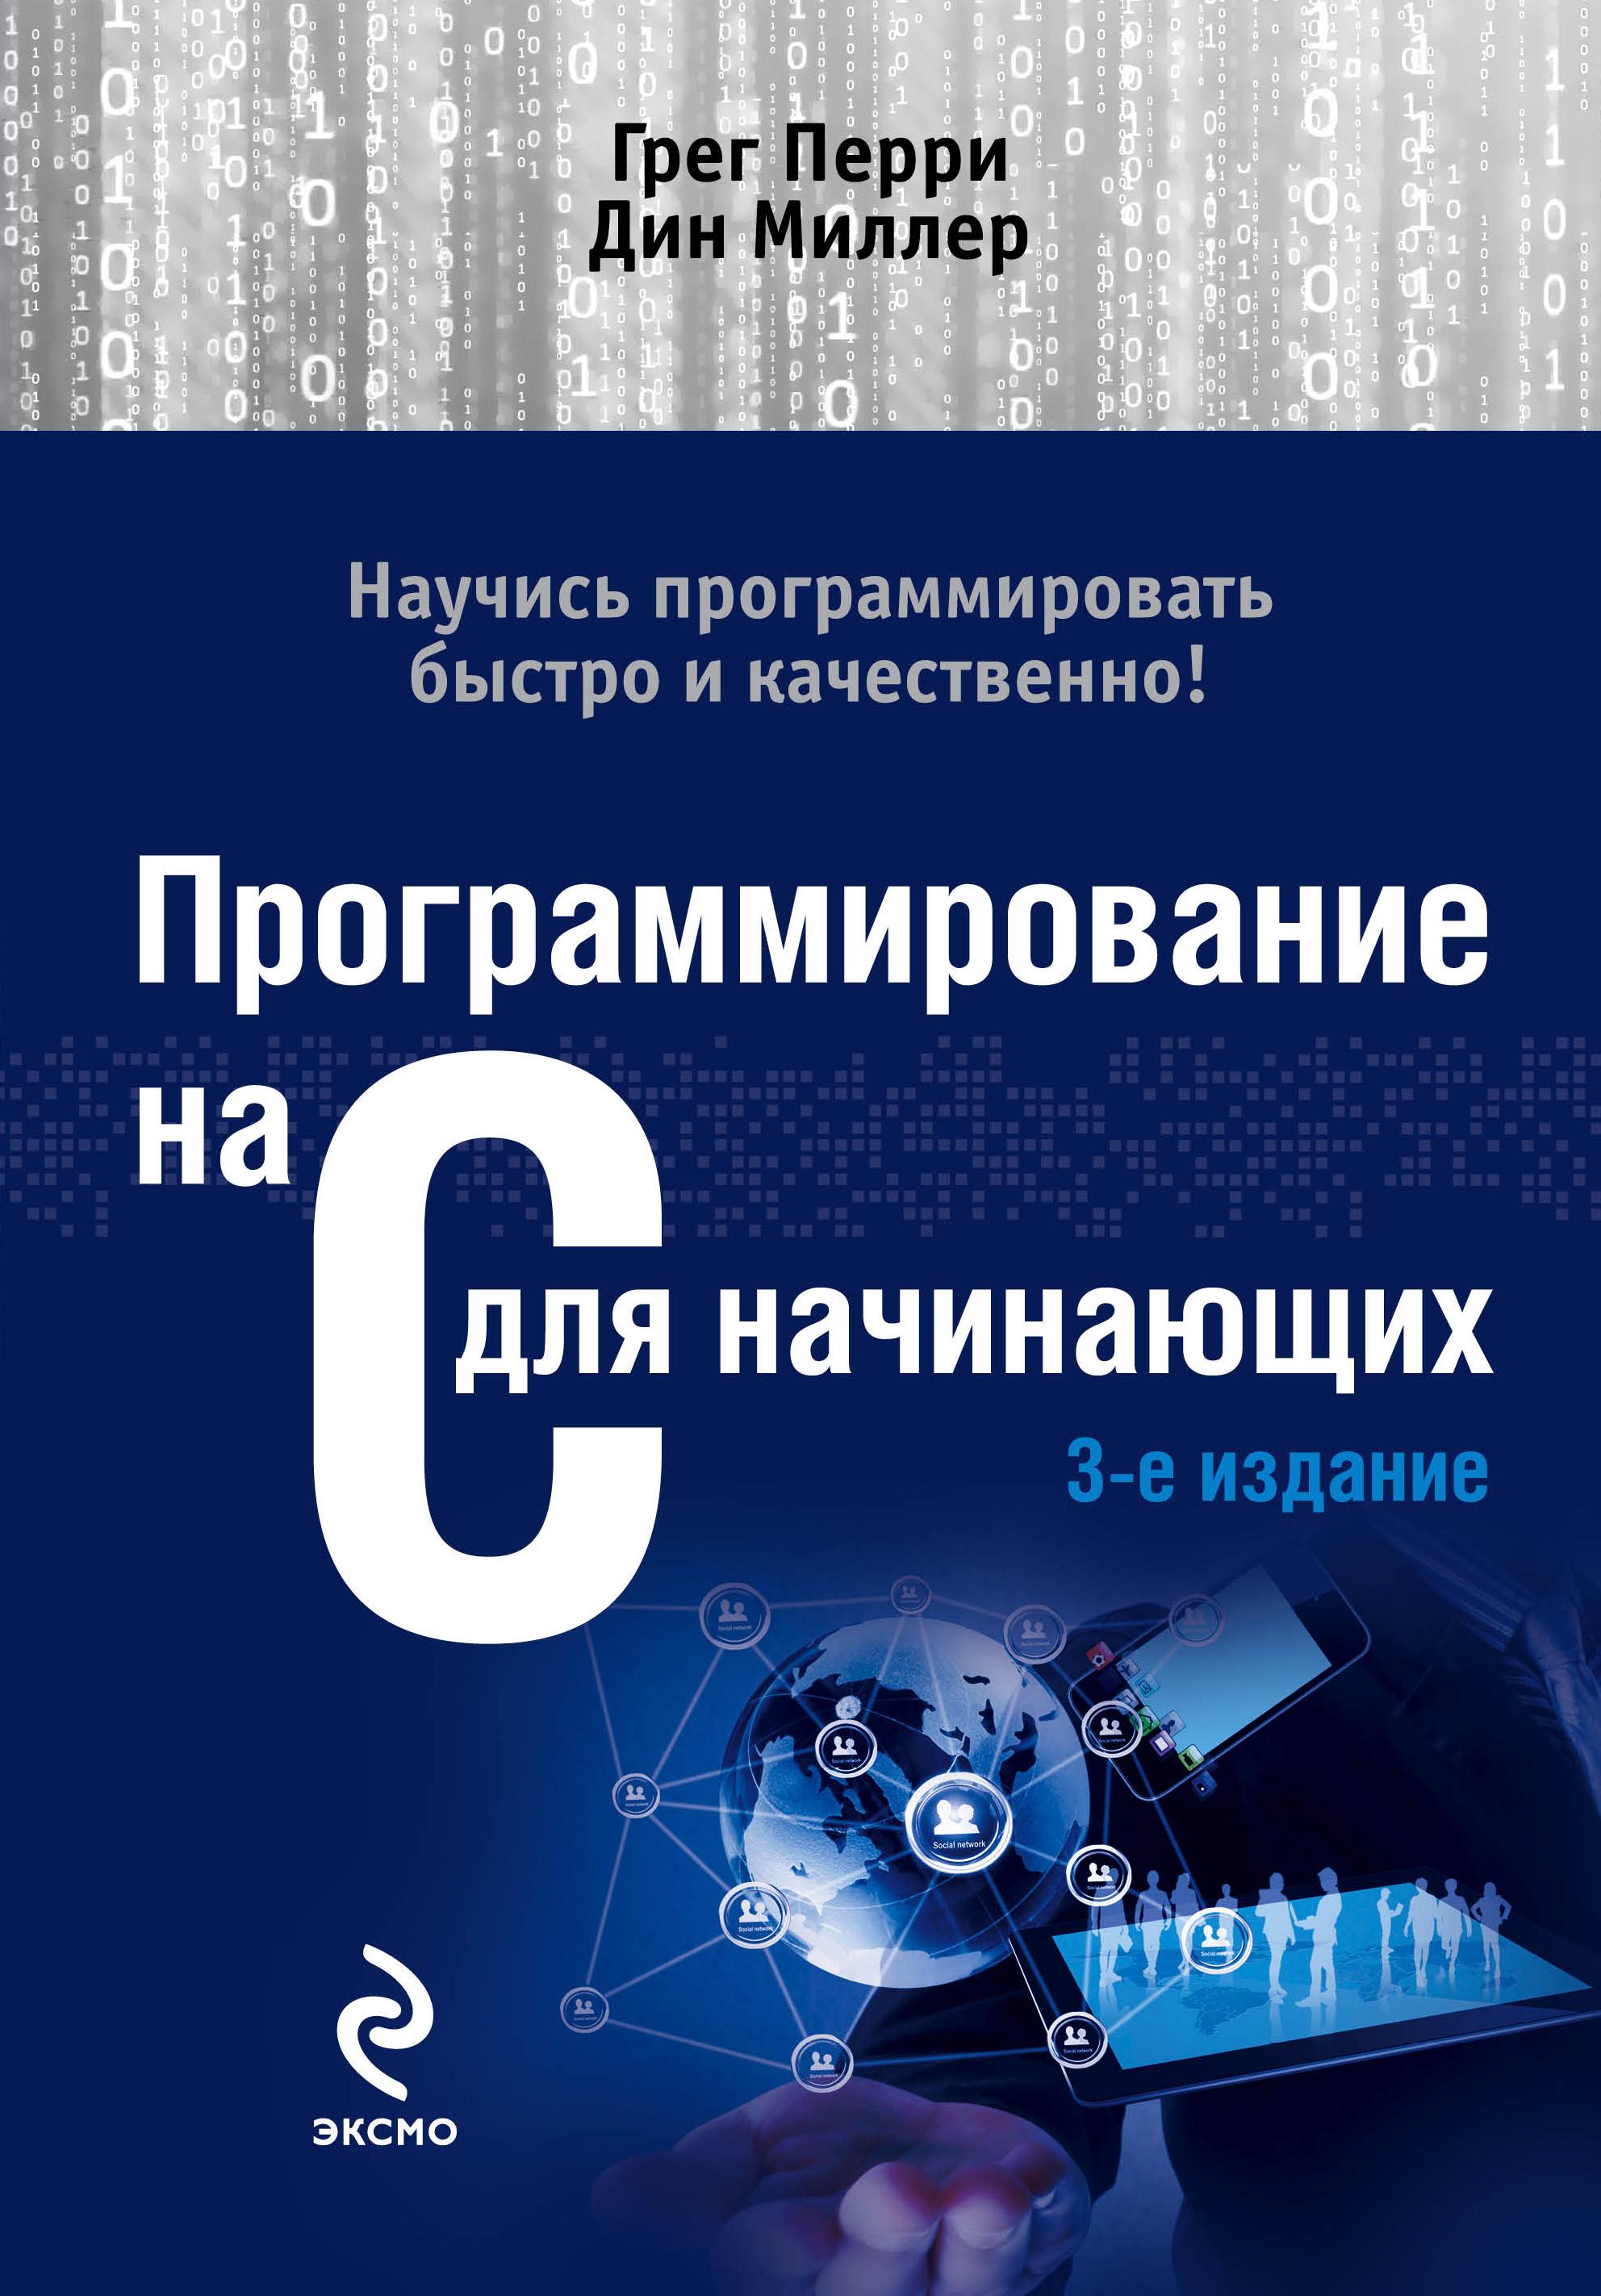 Перри Г., Миллер Д. Программирование на C для начинающих. 3-е издание грачев а создаем сайт на wordpress быстро легко бесплатно 2 е издание